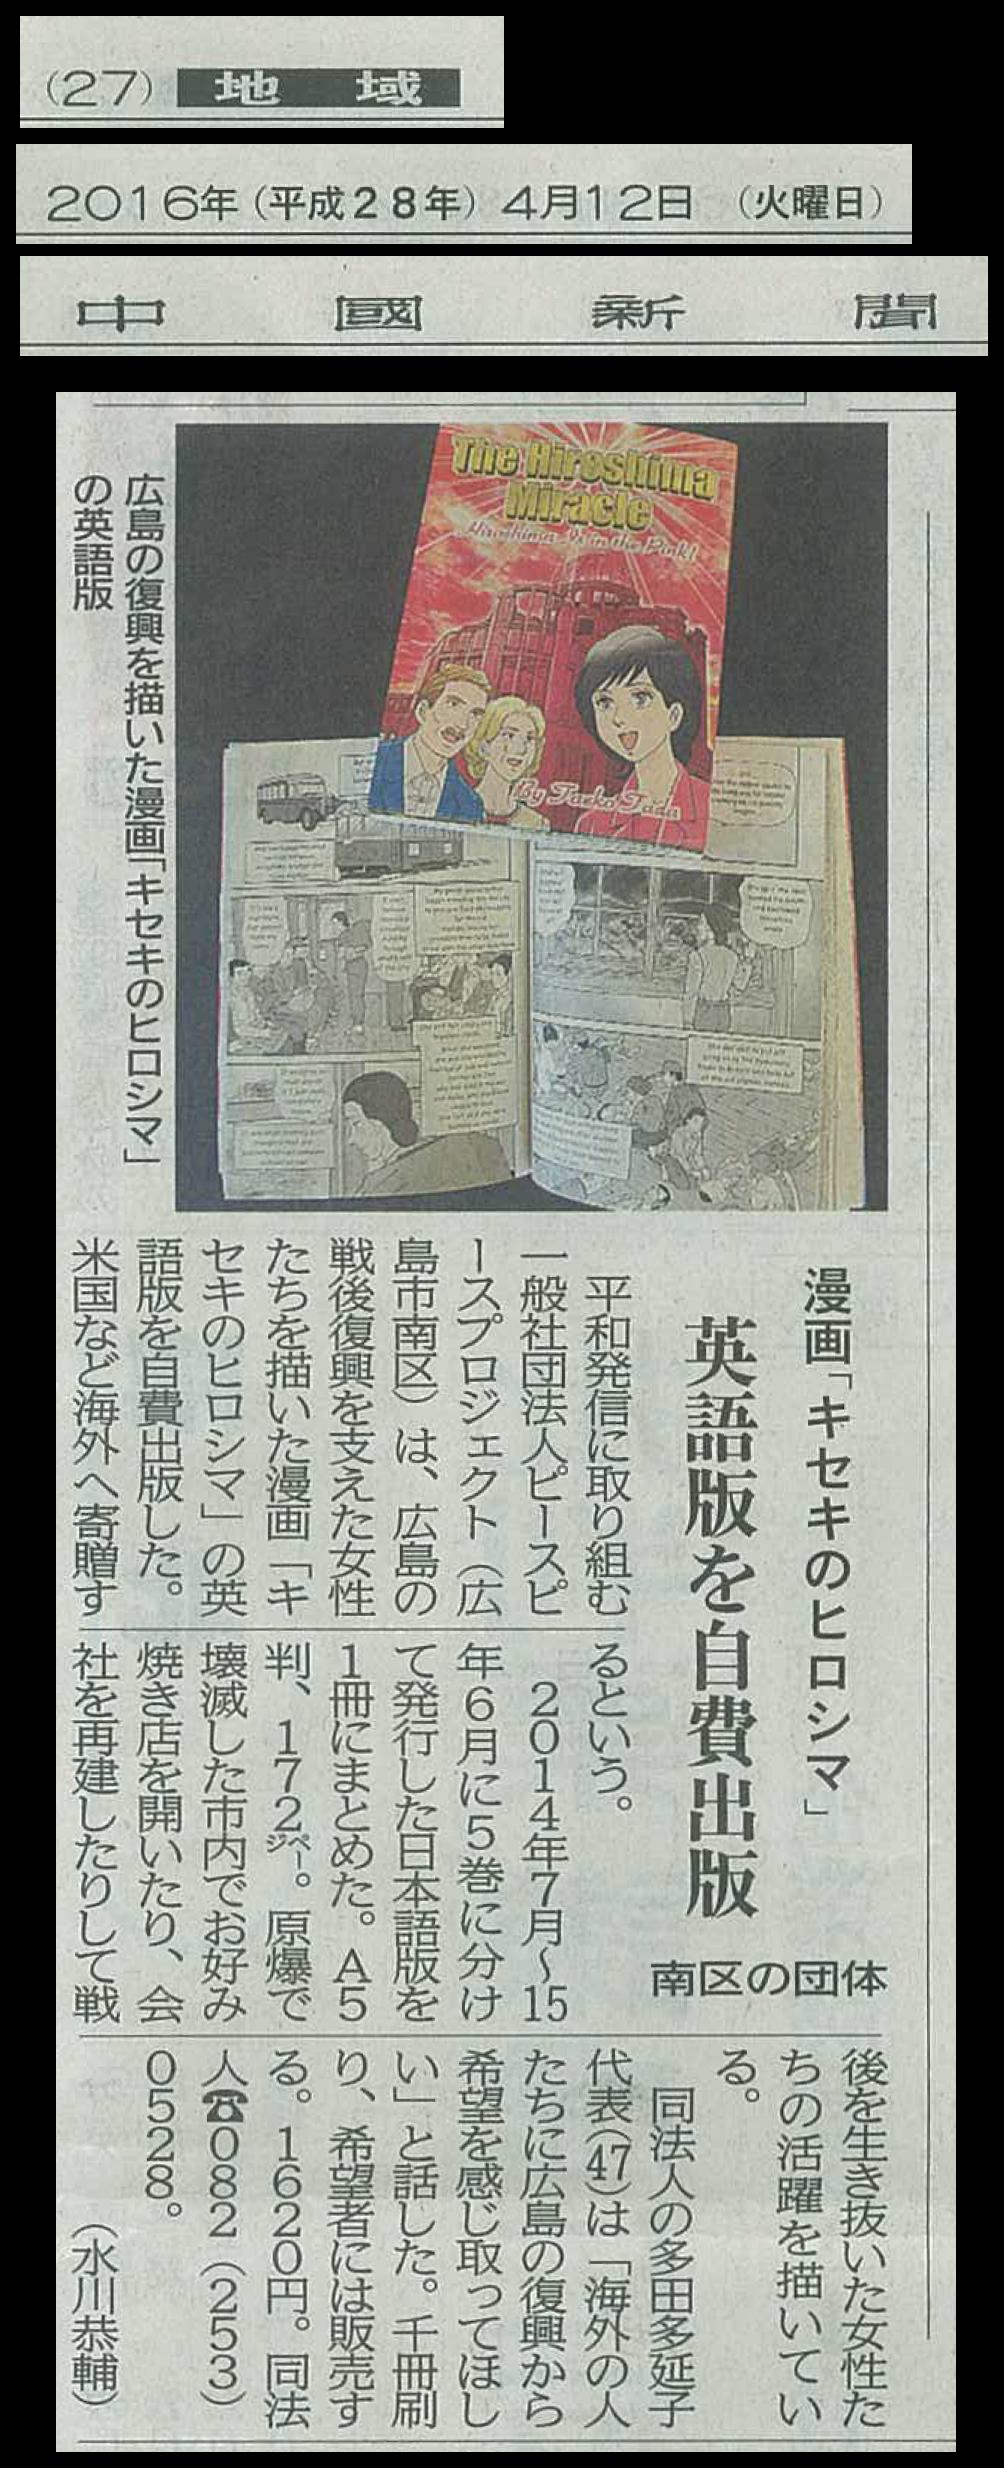 2016年4月12日 中國新聞